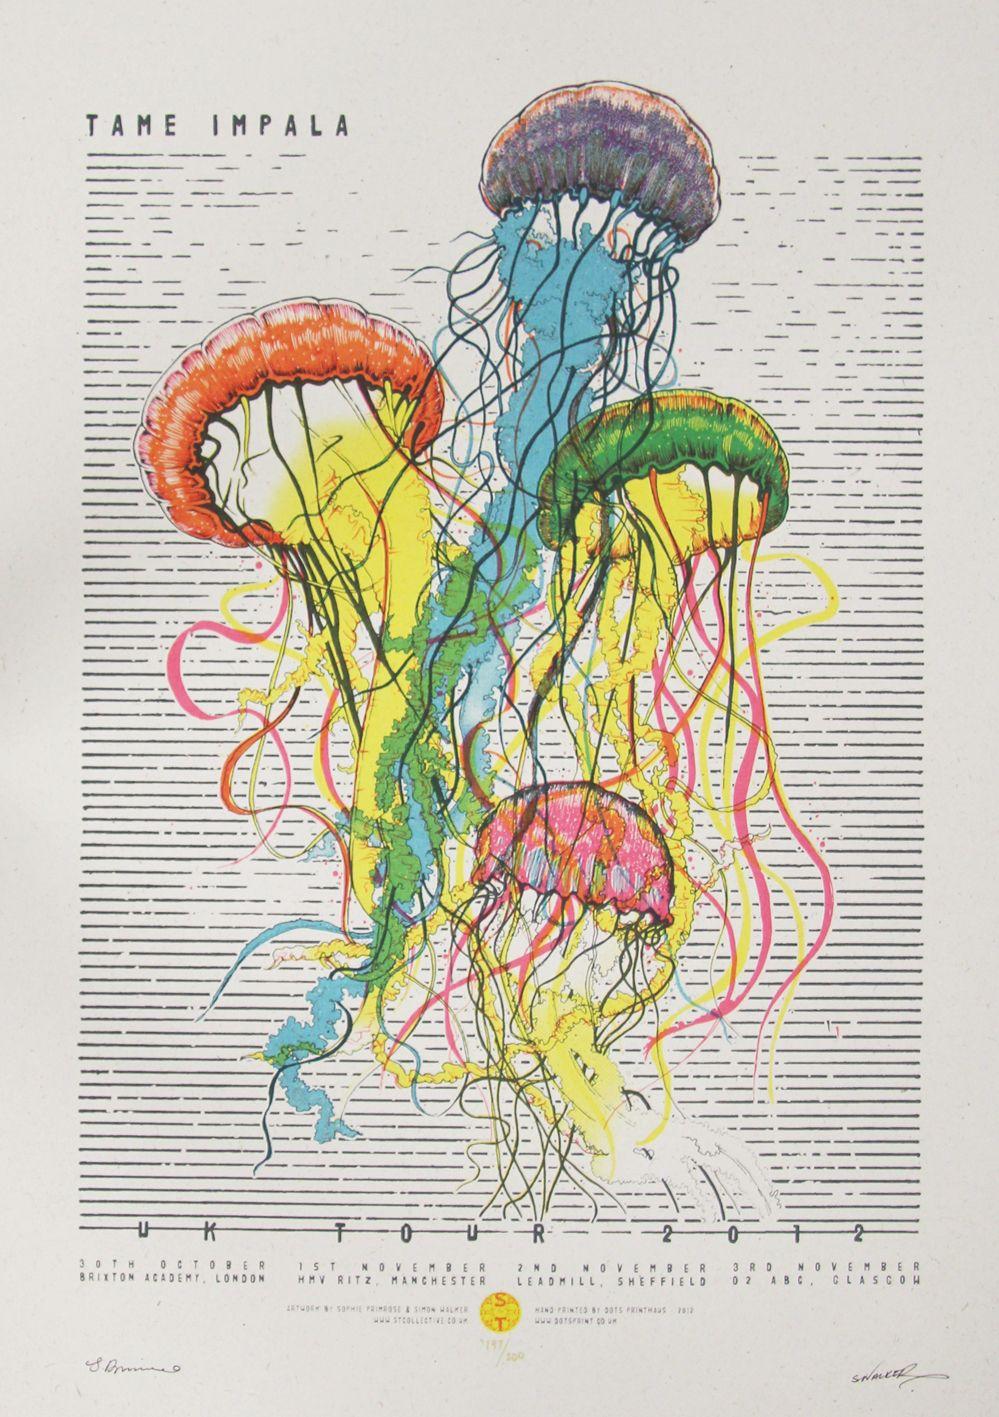 Tame Impala Poster Cartel De Concierto Carteles Del Arte Produccion Artistica